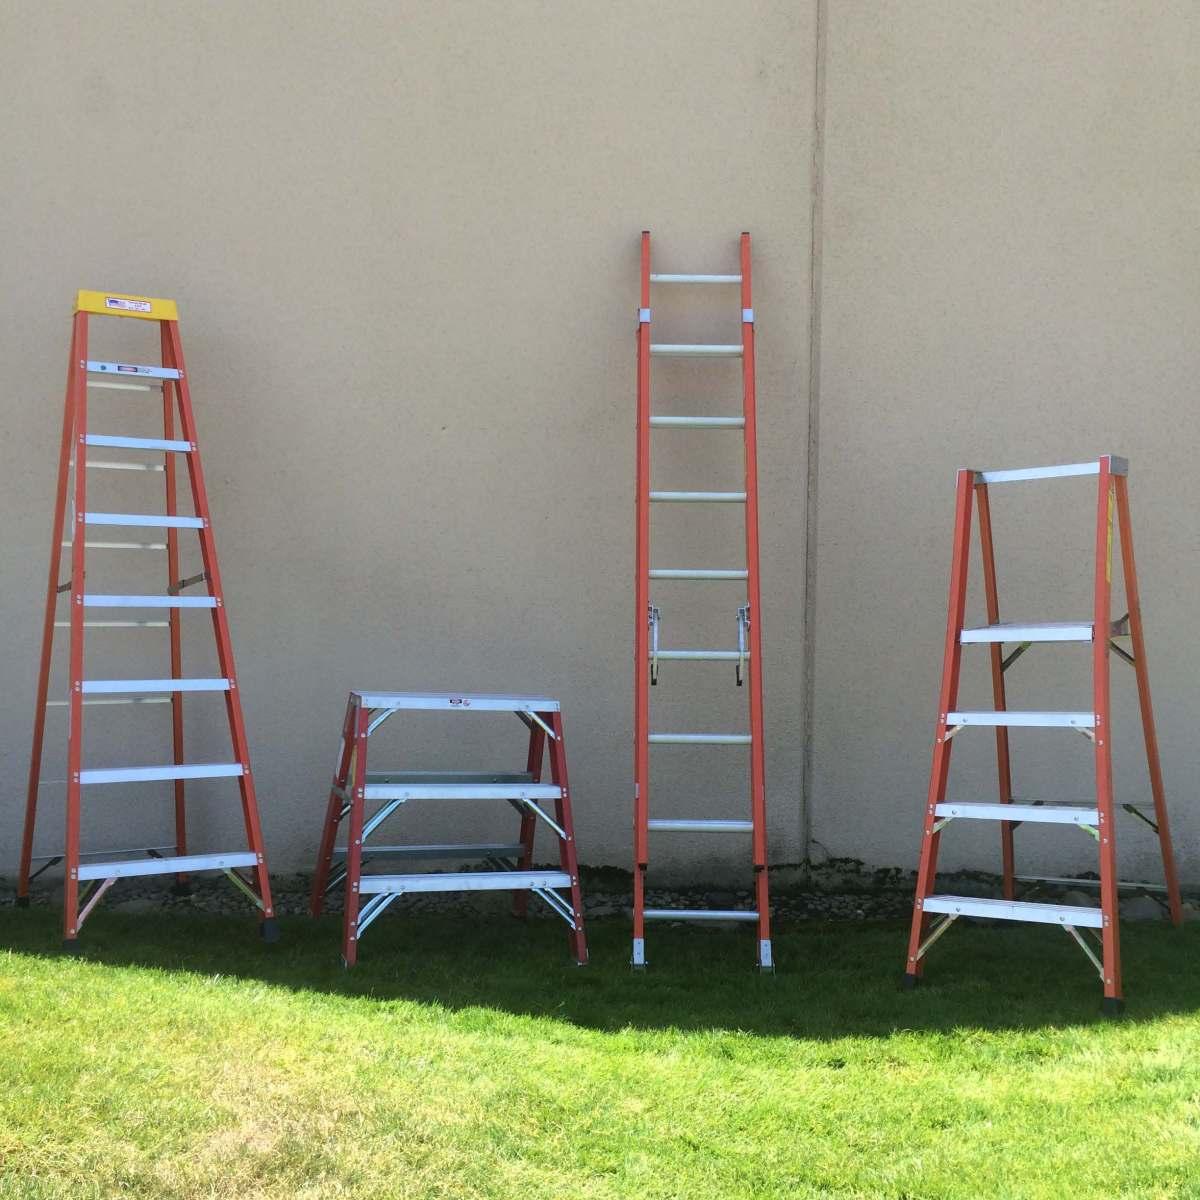 Fiberglass Ladders Sacramento, Sacramento Fiberglass Ladders, Oakland Fiberglass Ladders, Fiberglass Ladders Oakland, San Francisco Fiberglass Ladders, Fiberglass Ladders in San Jose